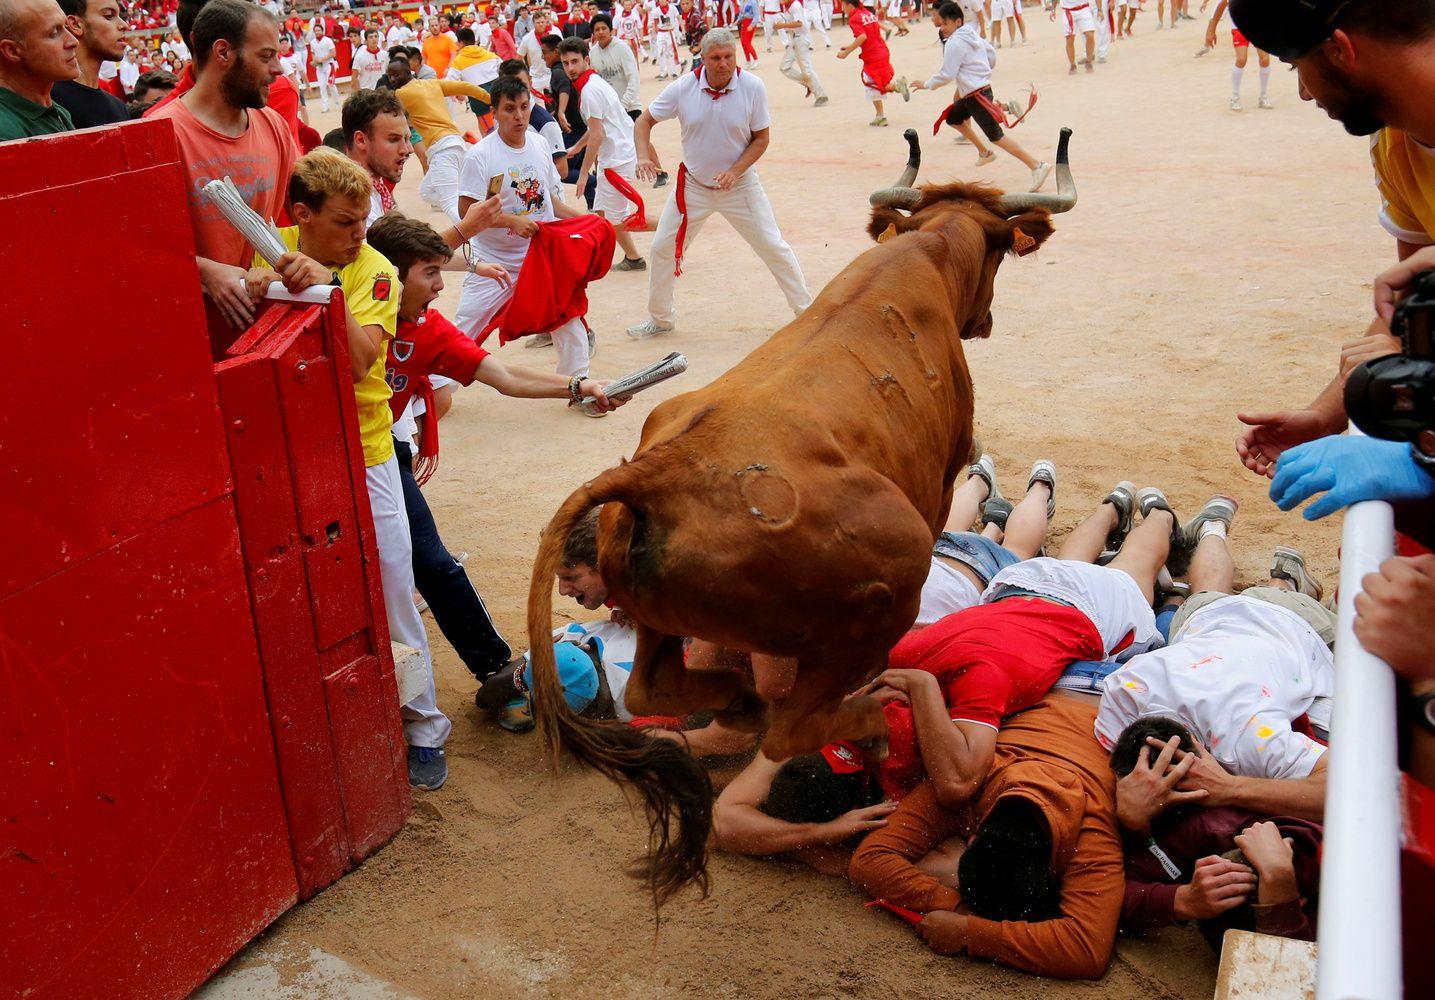 Pamplonos festivalis baigėsi be aukų, tačiau ne be kraujo